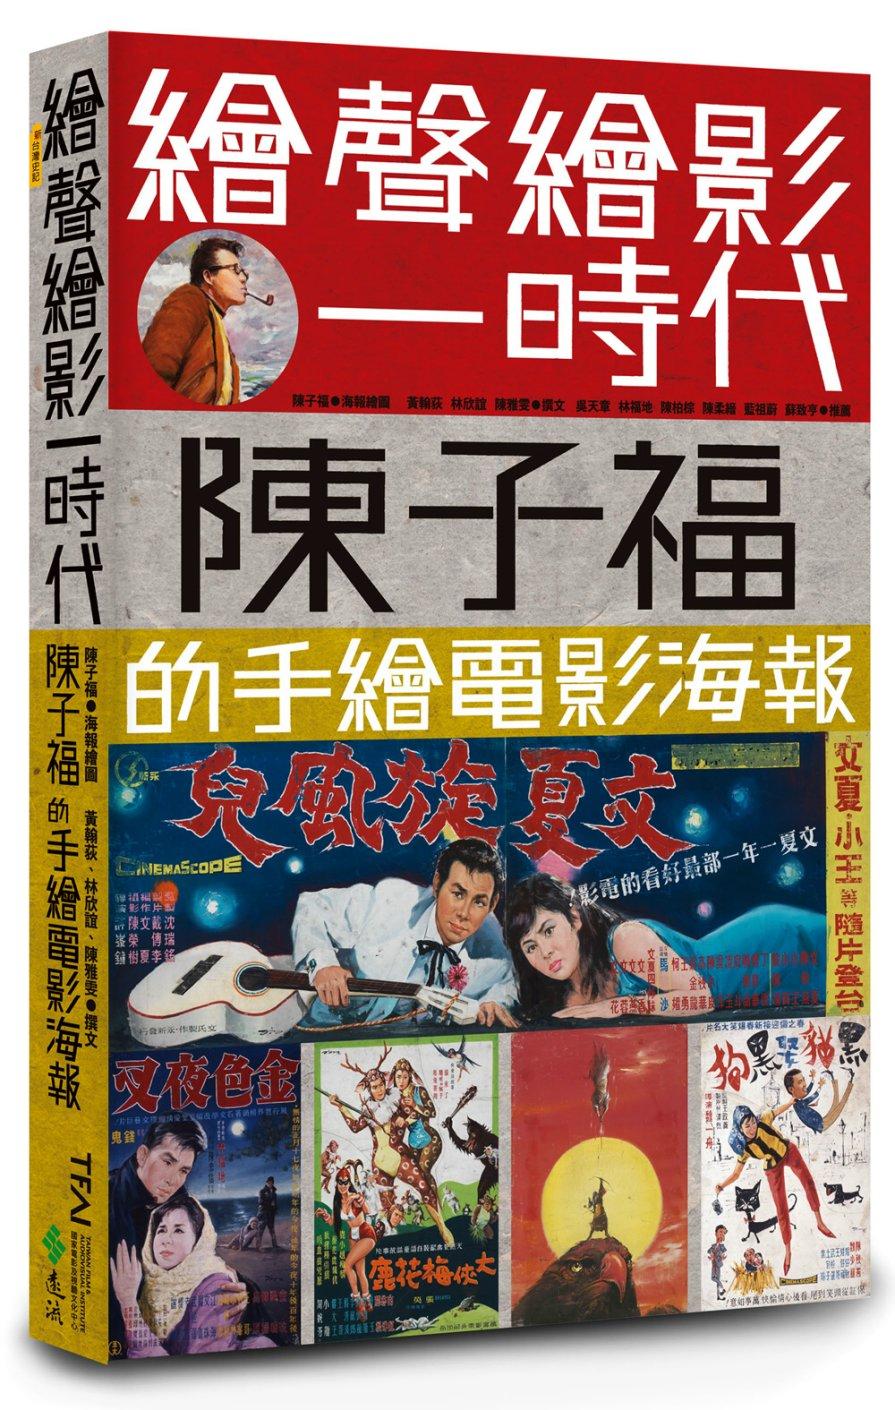 繪聲繪影一時代:陳子福的手繪電影海報(首刷限量加贈「陳子福復刻經典海報L型雙面萬用夾」)